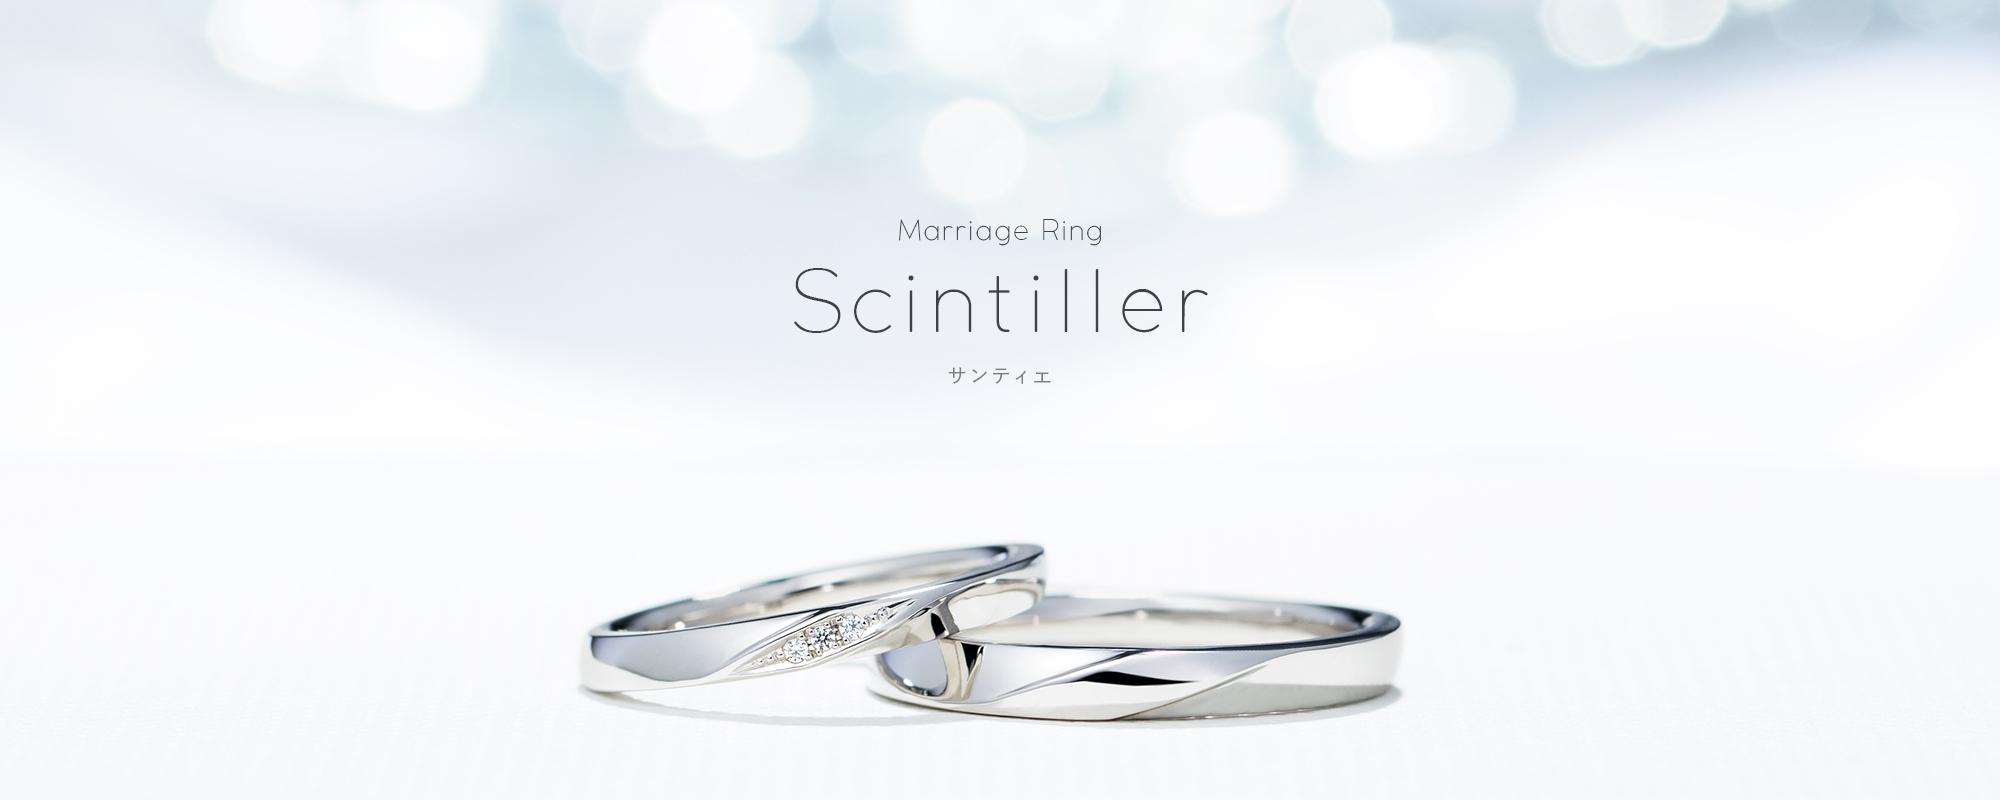 結婚指輪 サンティエ